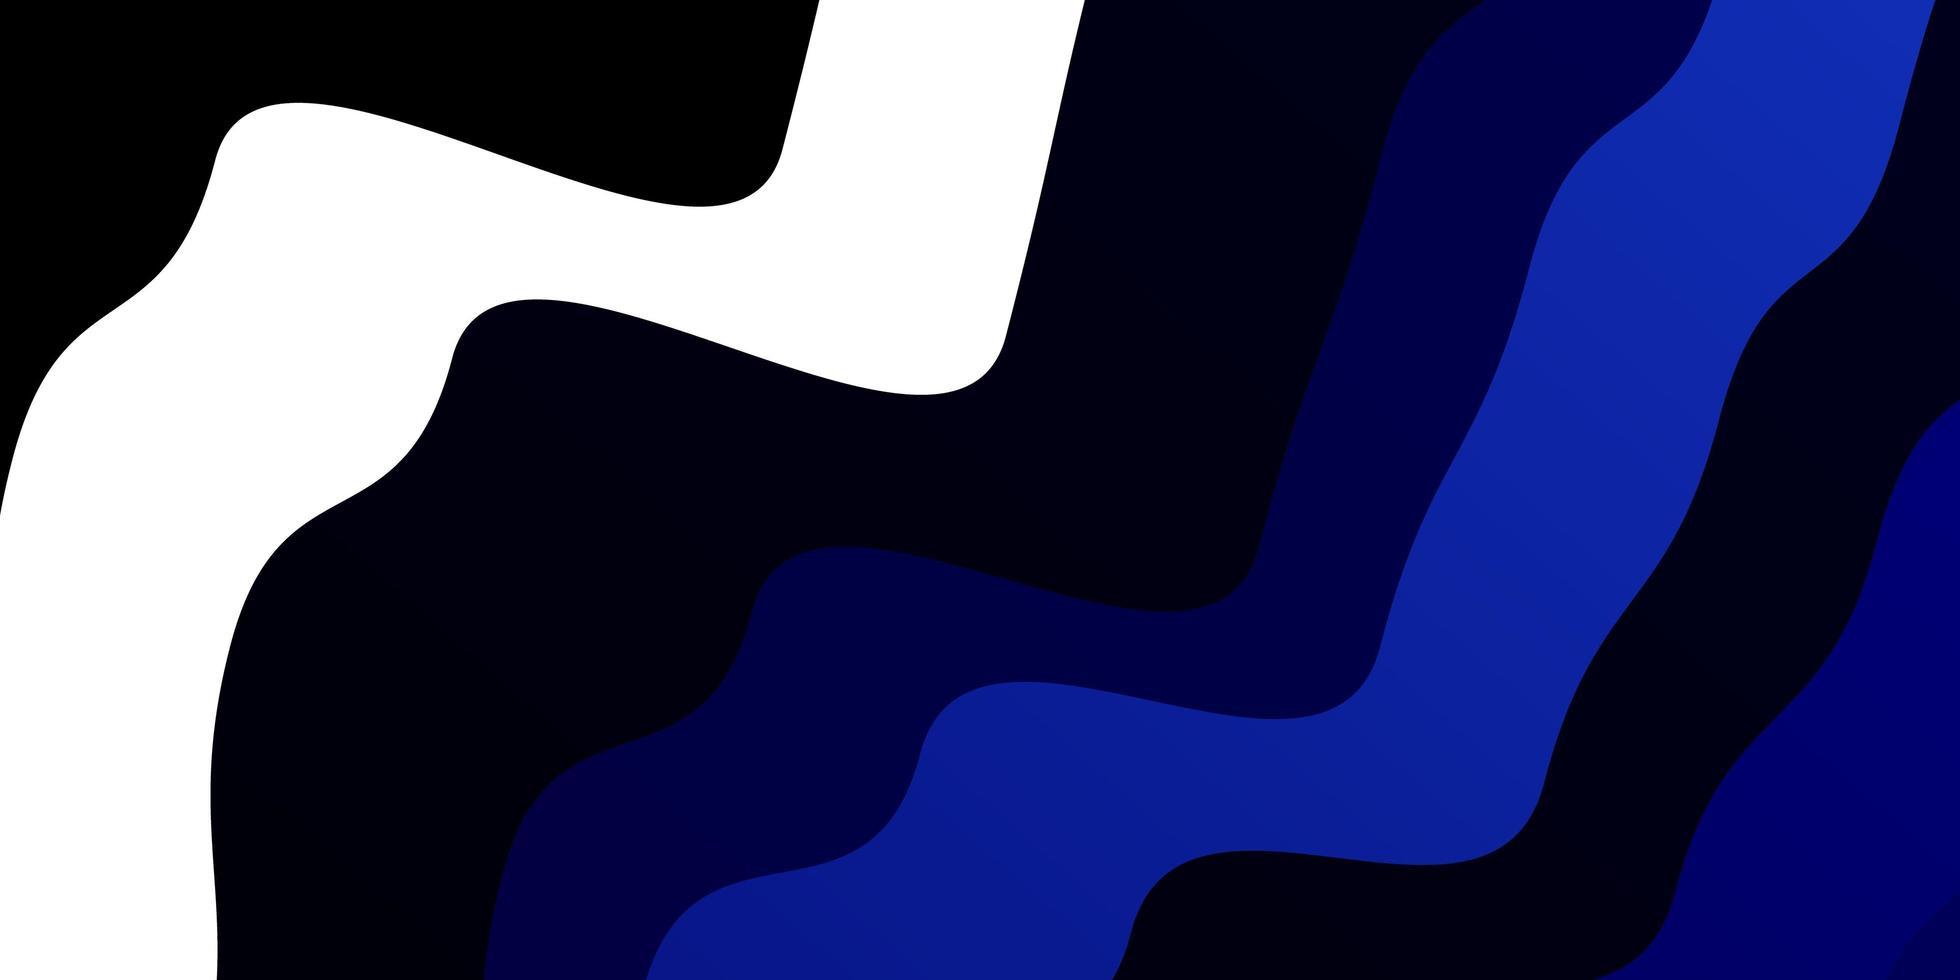 donkerblauw patroon met rondingen. vector